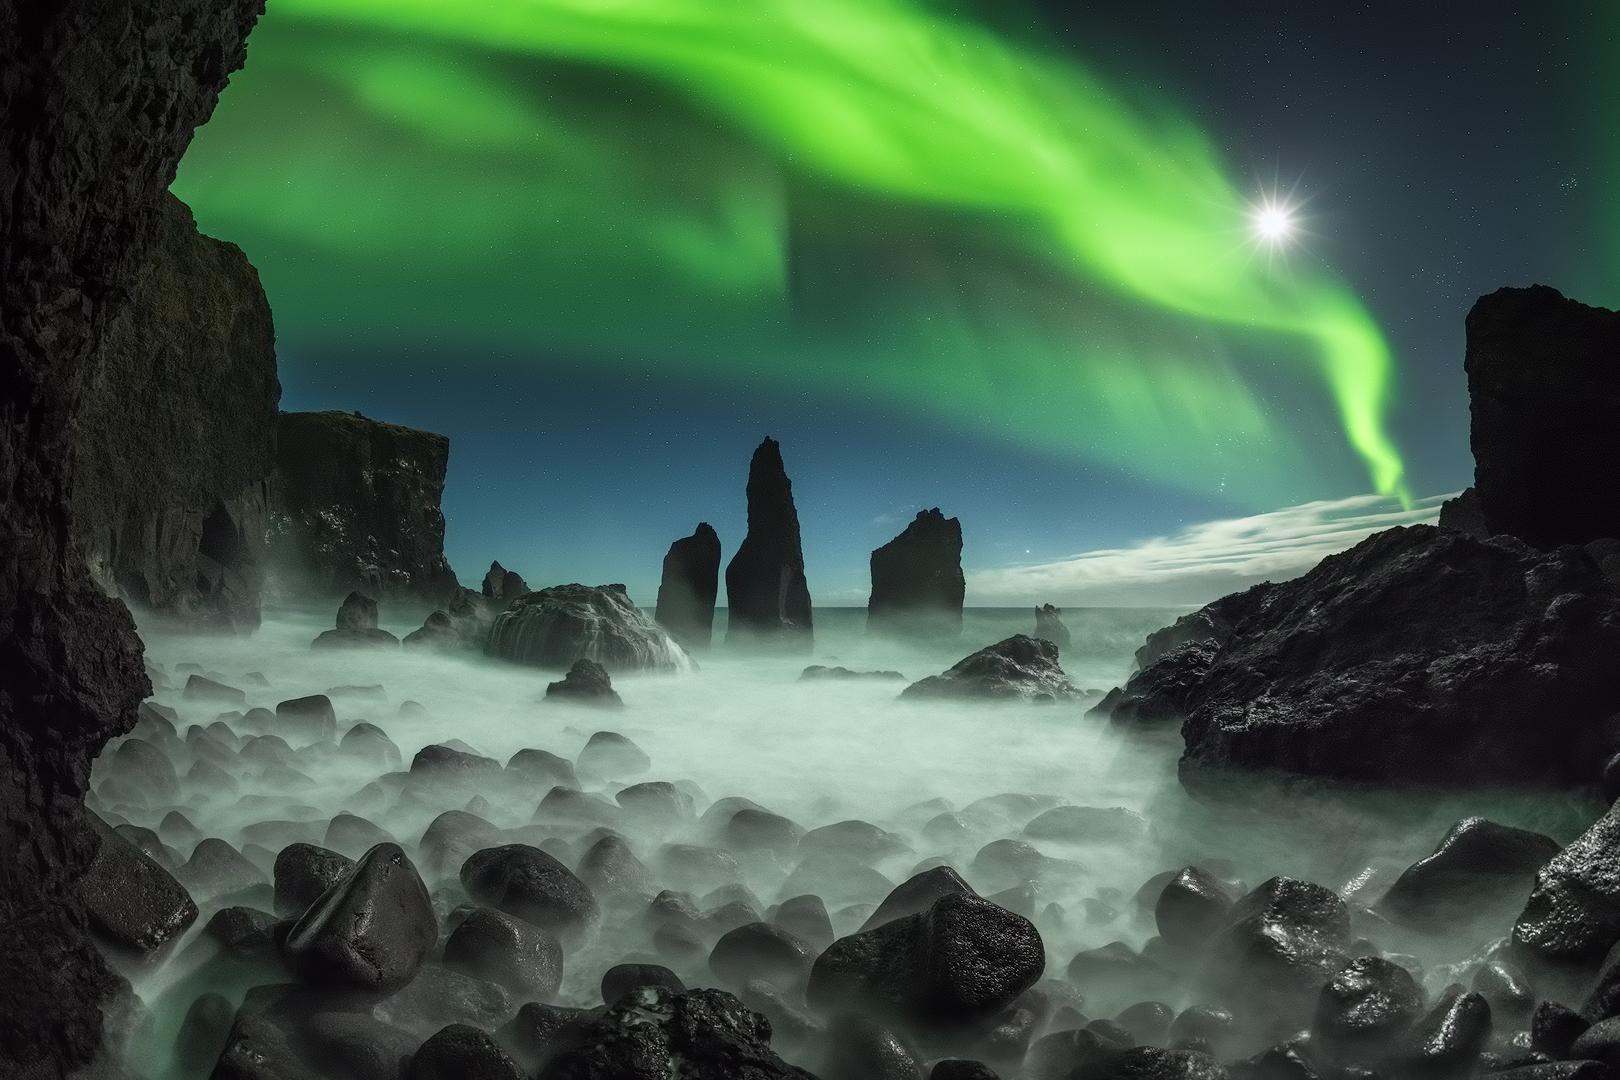 Aurores boréales dansant au-dessus des formations rocheuses de la péninsule de Reykjanes